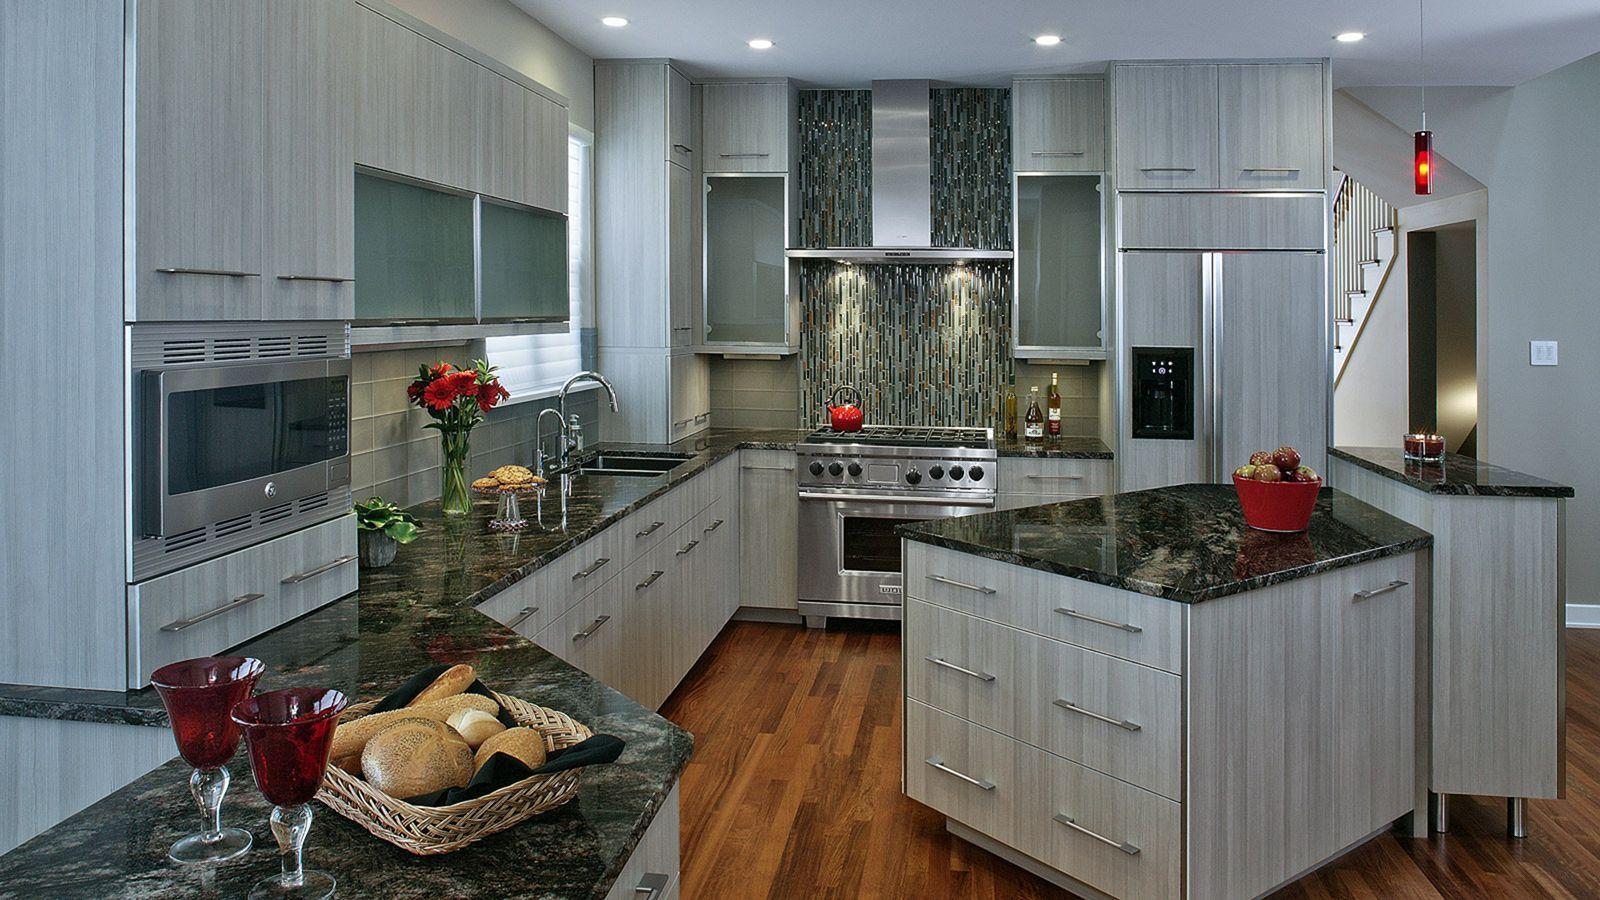 Amazing Small Kitchen Ideas For Big Taste: 70+ Best Design Ideas